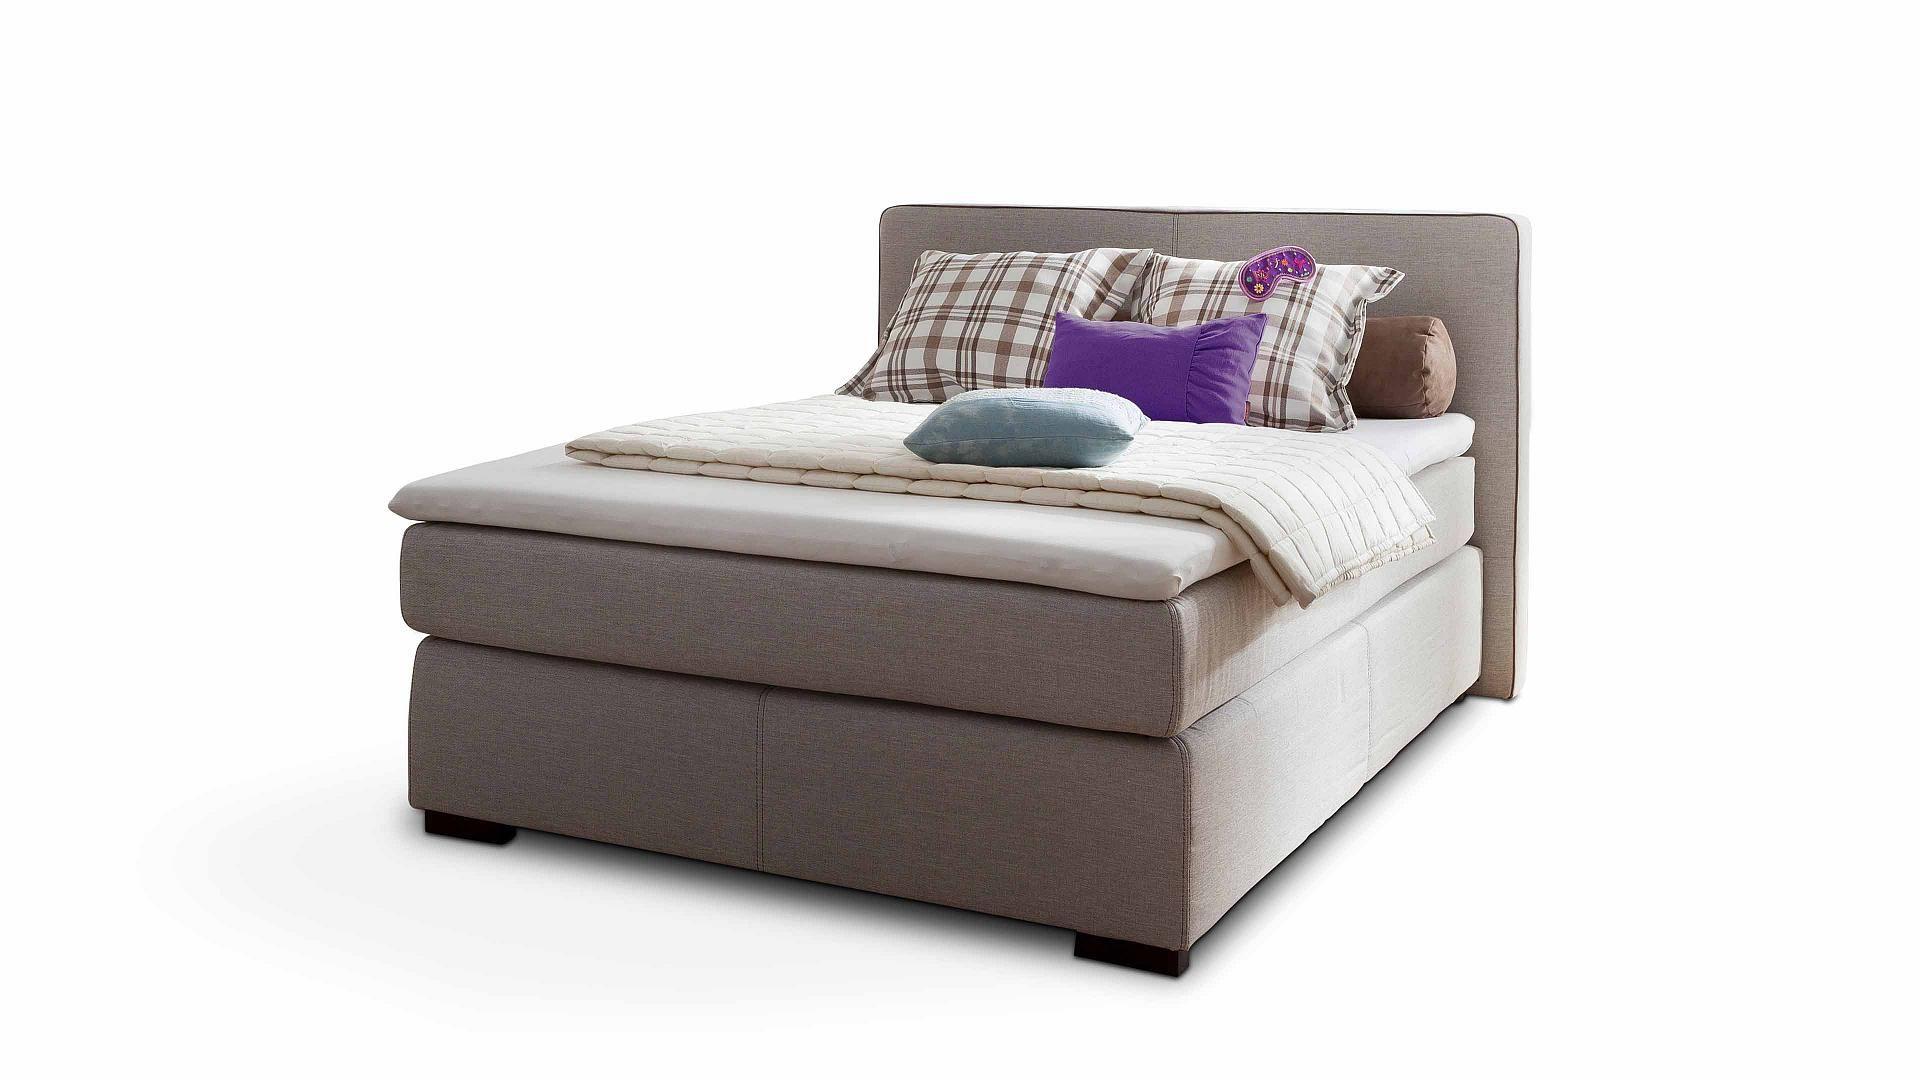 Schlafzimmer Modern Braun Boxspringbett | Das Frohliche M Saarlouis Raume Schlafzimmer Boxspringbett Mit